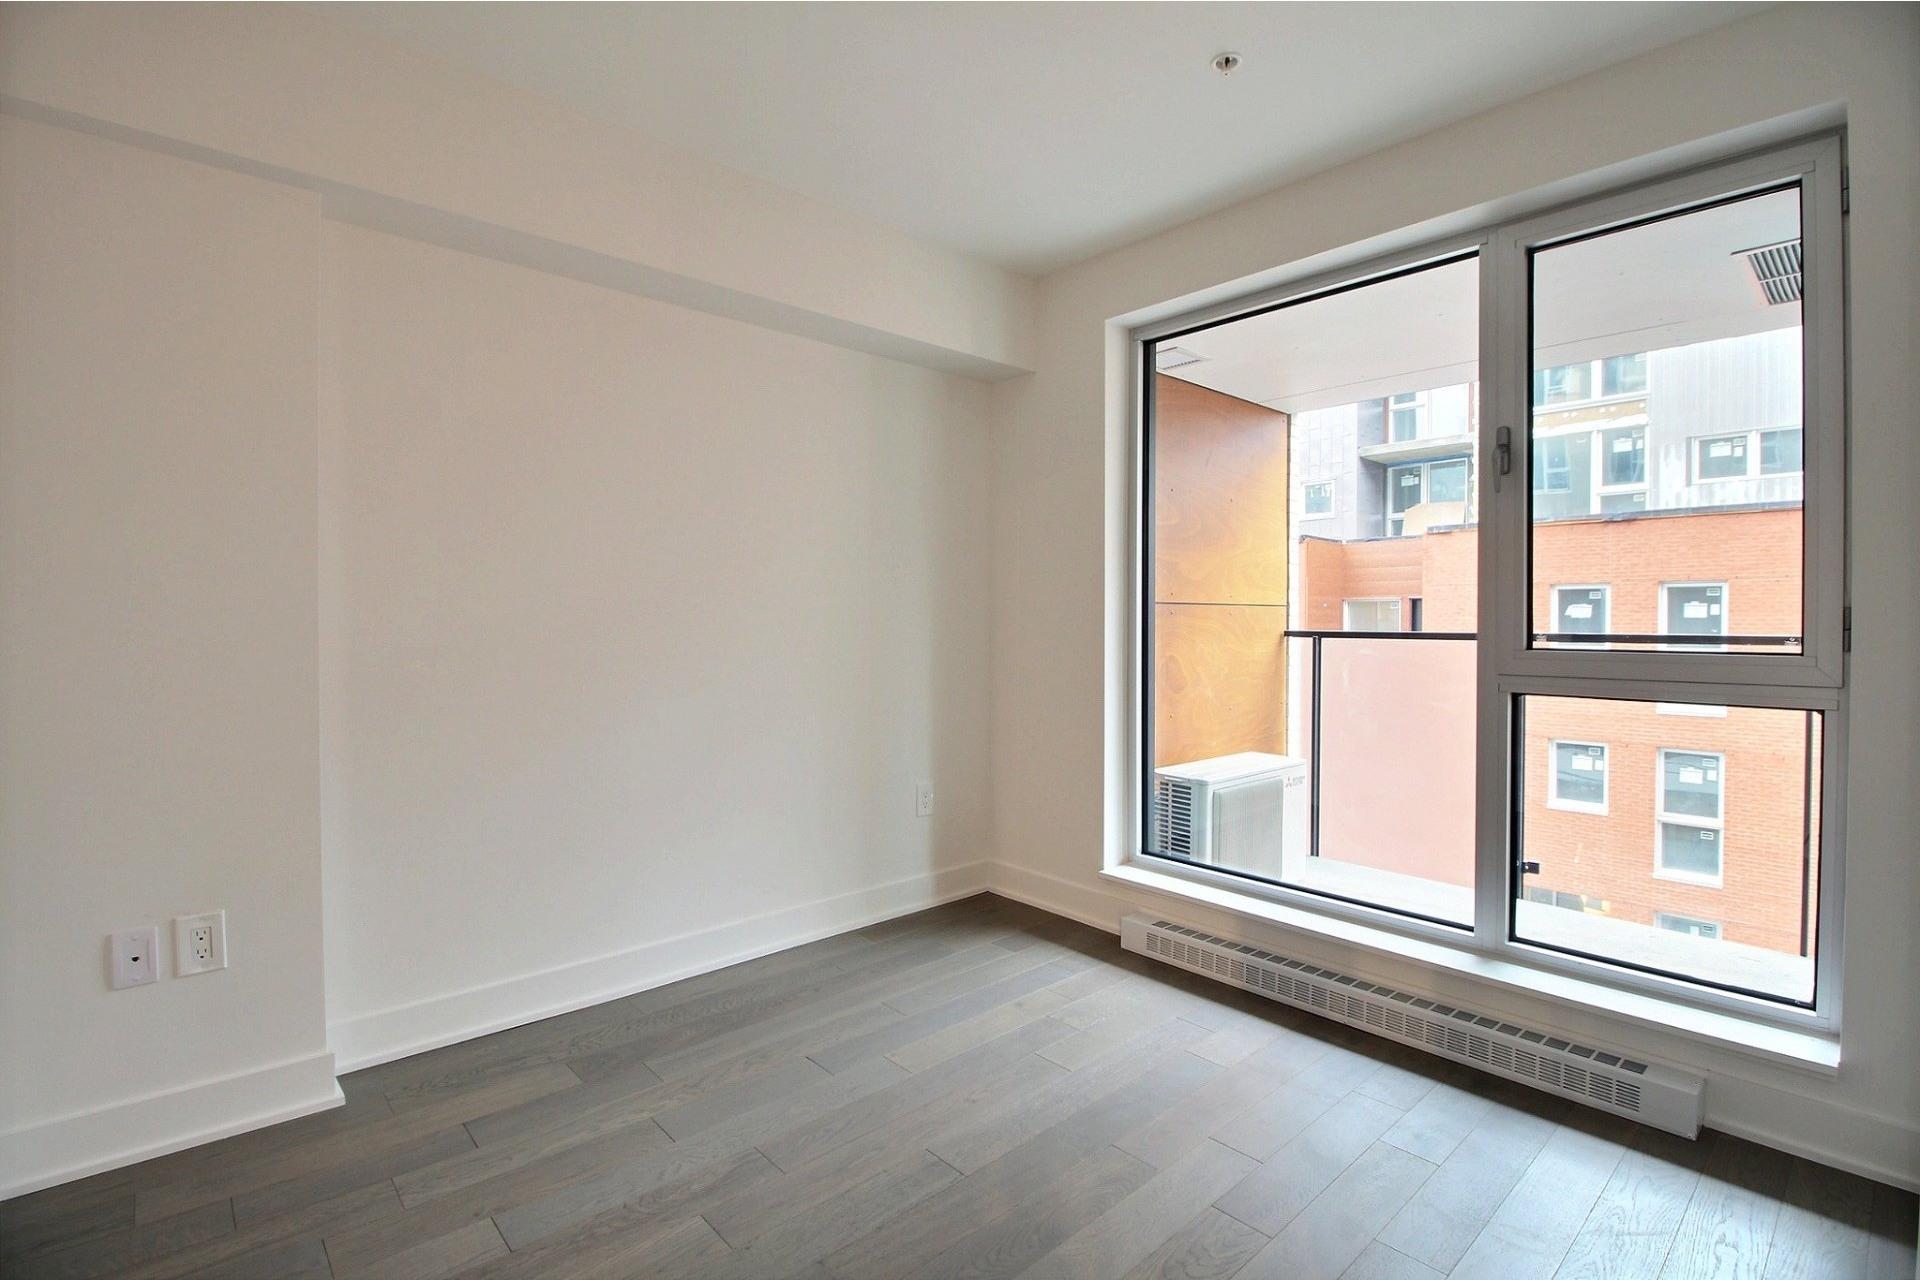 image 5 - Appartement À louer Le Sud-Ouest Montréal  - 4 pièces